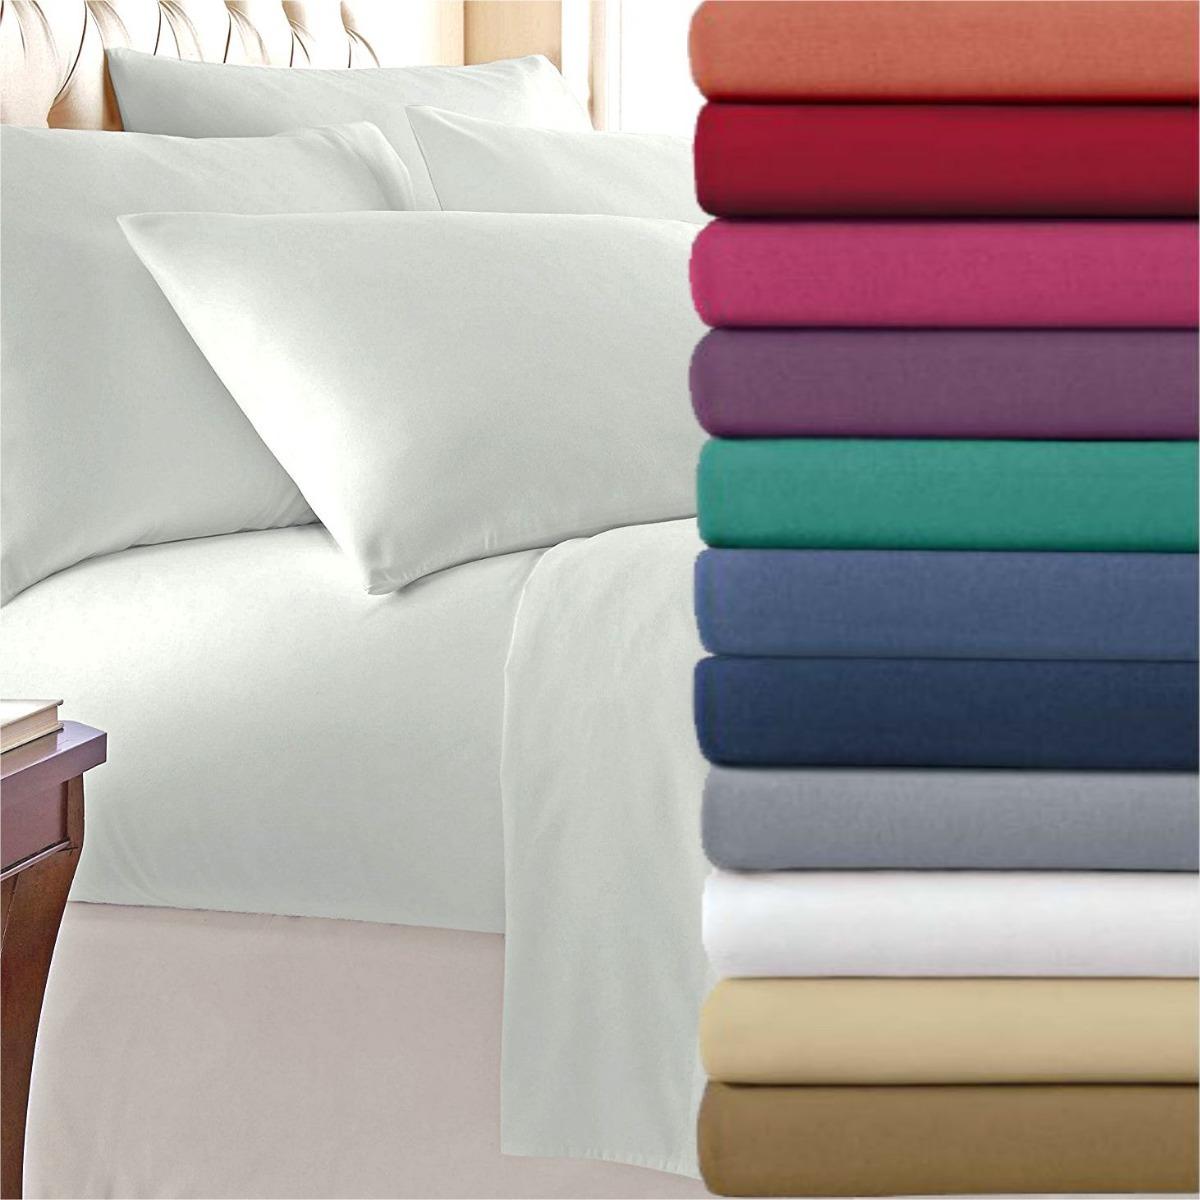 84aa78e8e9 kit 4 lençol casal malha 30cm 8 fronha 100% fio algodão jogo. Carregando  zoom.